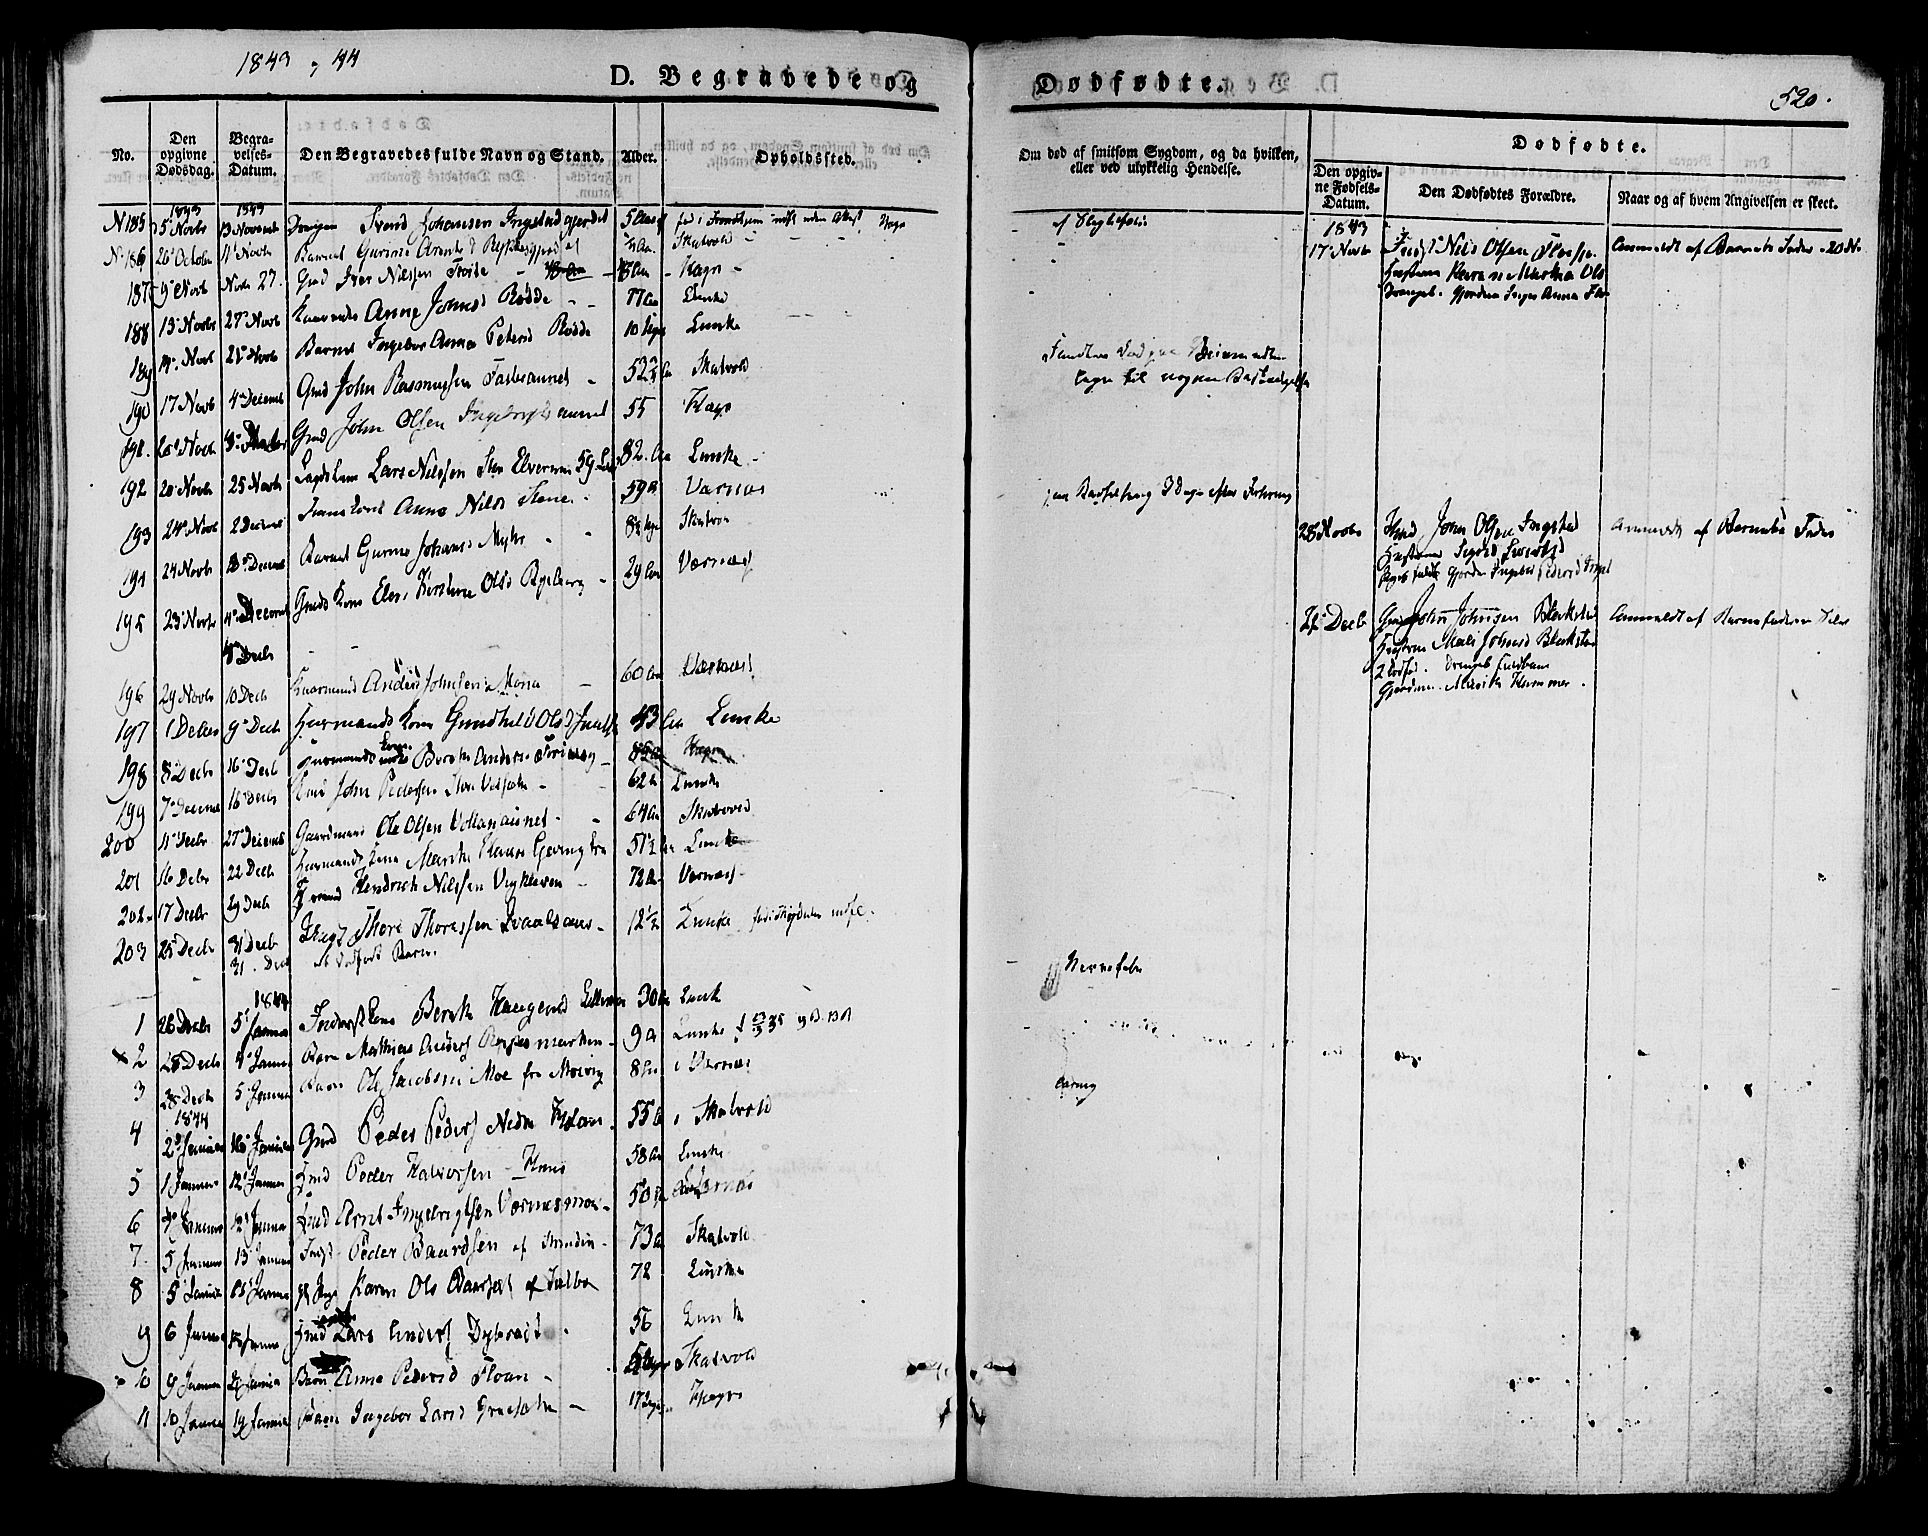 SAT, Ministerialprotokoller, klokkerbøker og fødselsregistre - Nord-Trøndelag, 709/L0072: Ministerialbok nr. 709A12, 1833-1844, s. 520